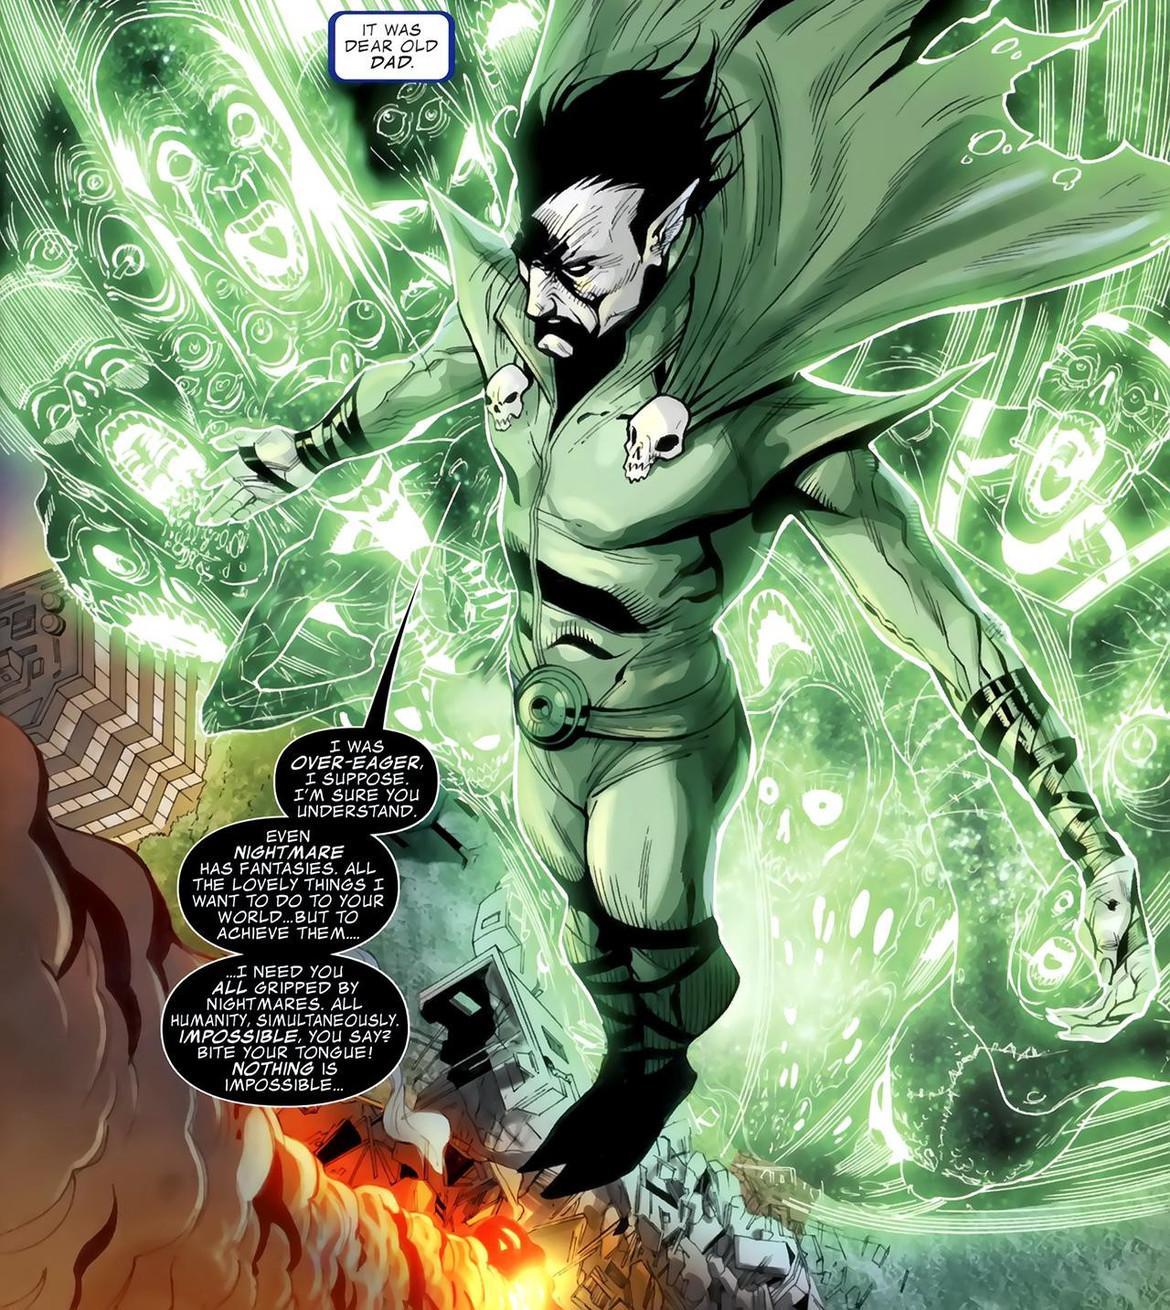 nightmare_marvel_comics.jpg